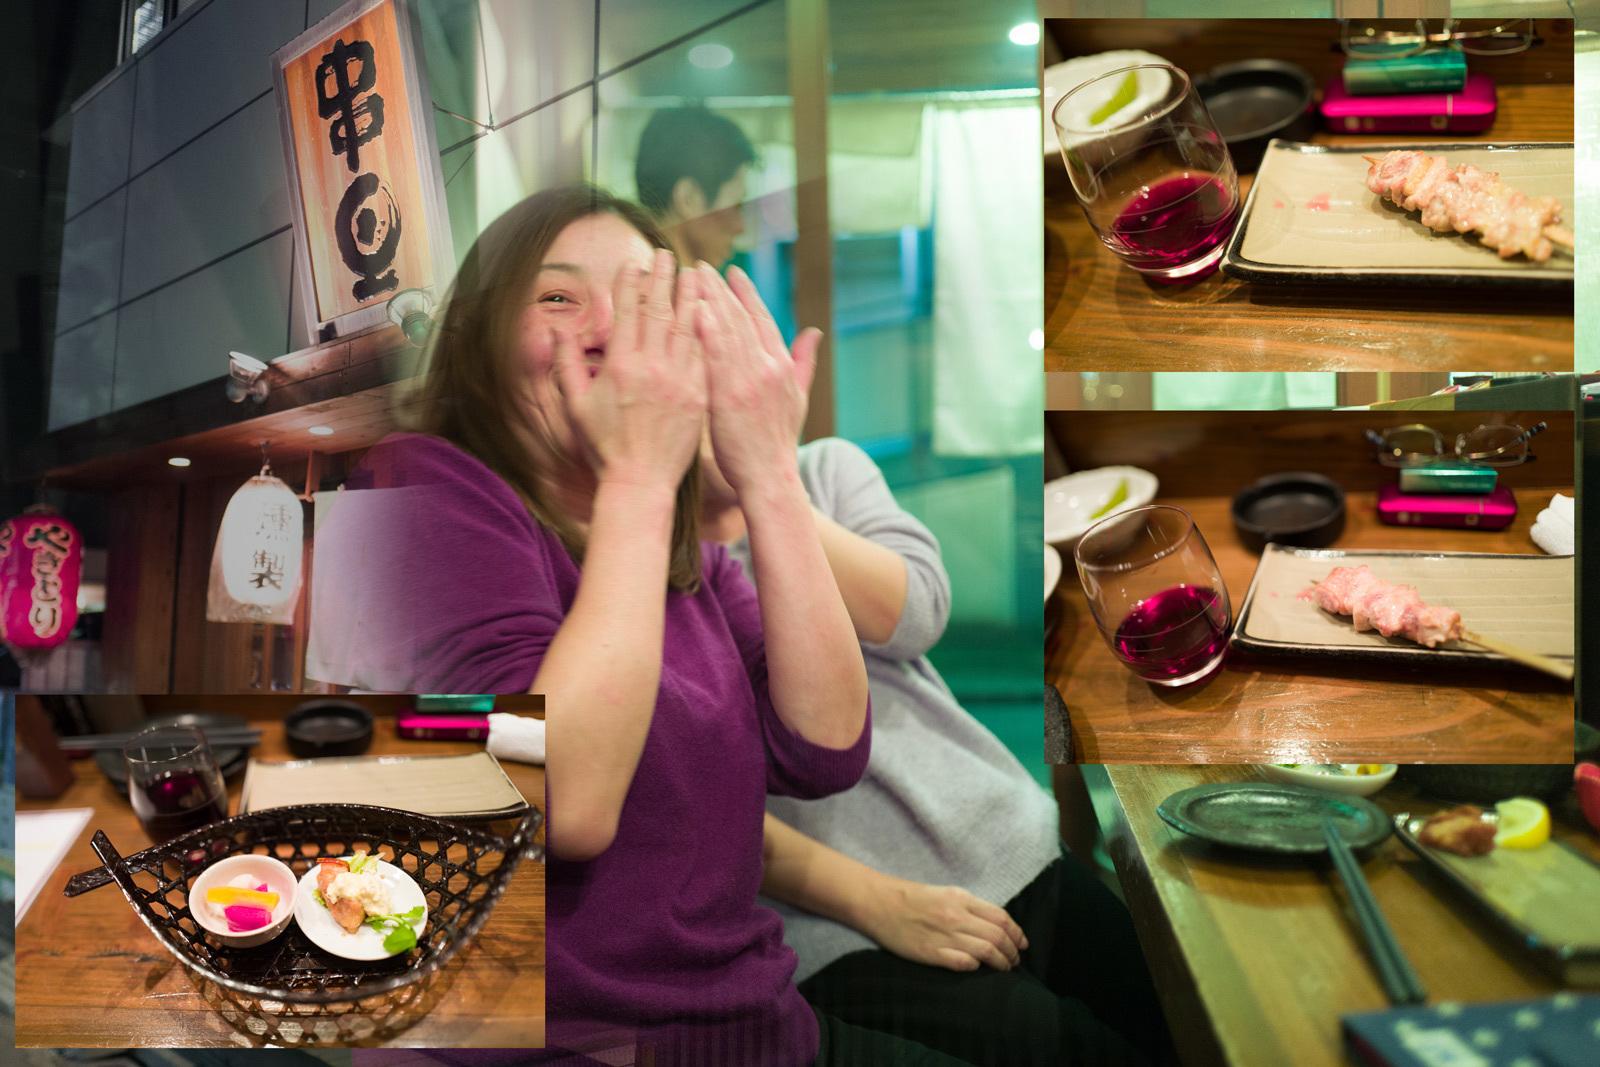 セセリが食べたくて…_a0271402_08285051.jpg